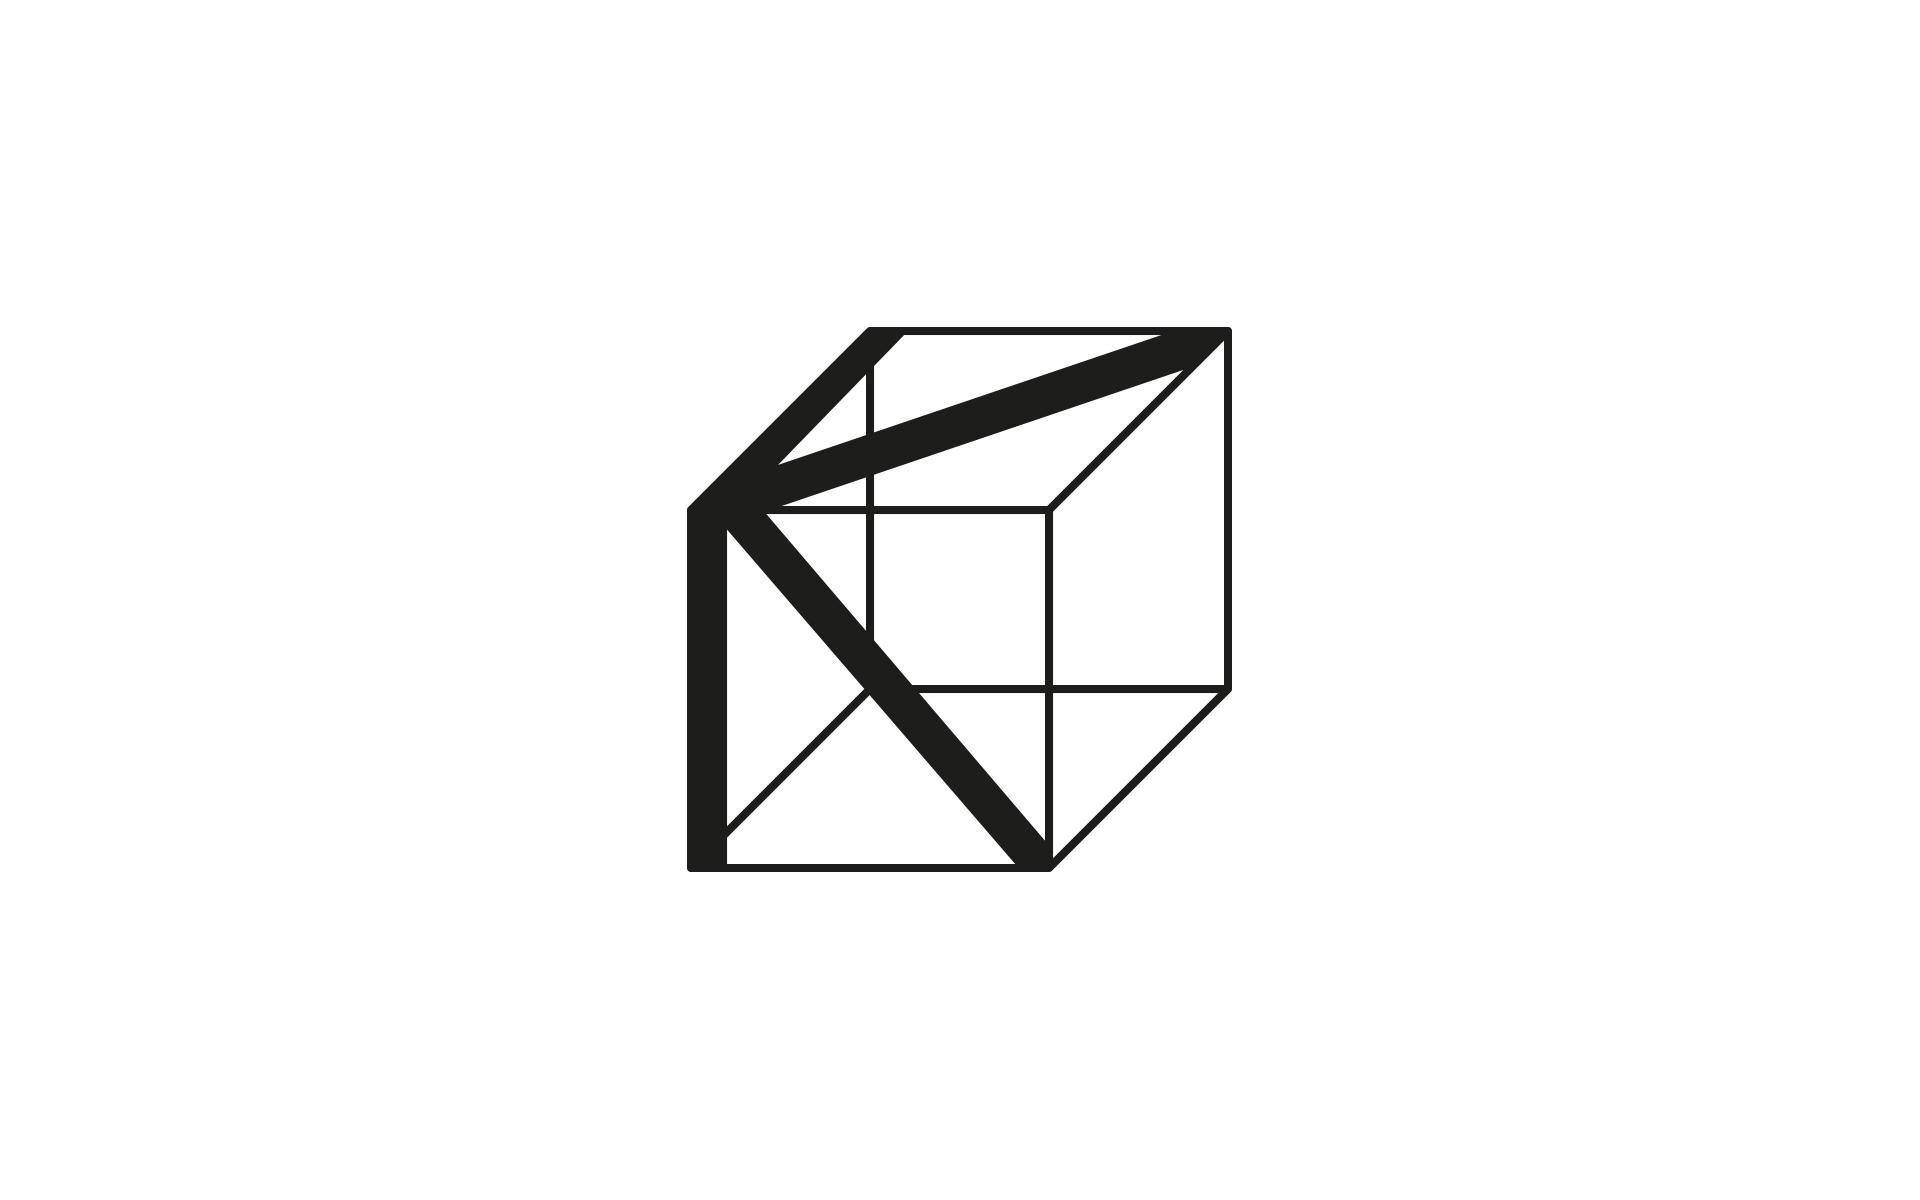 180828_Hackerkiste-Logoentwicklung_02-3